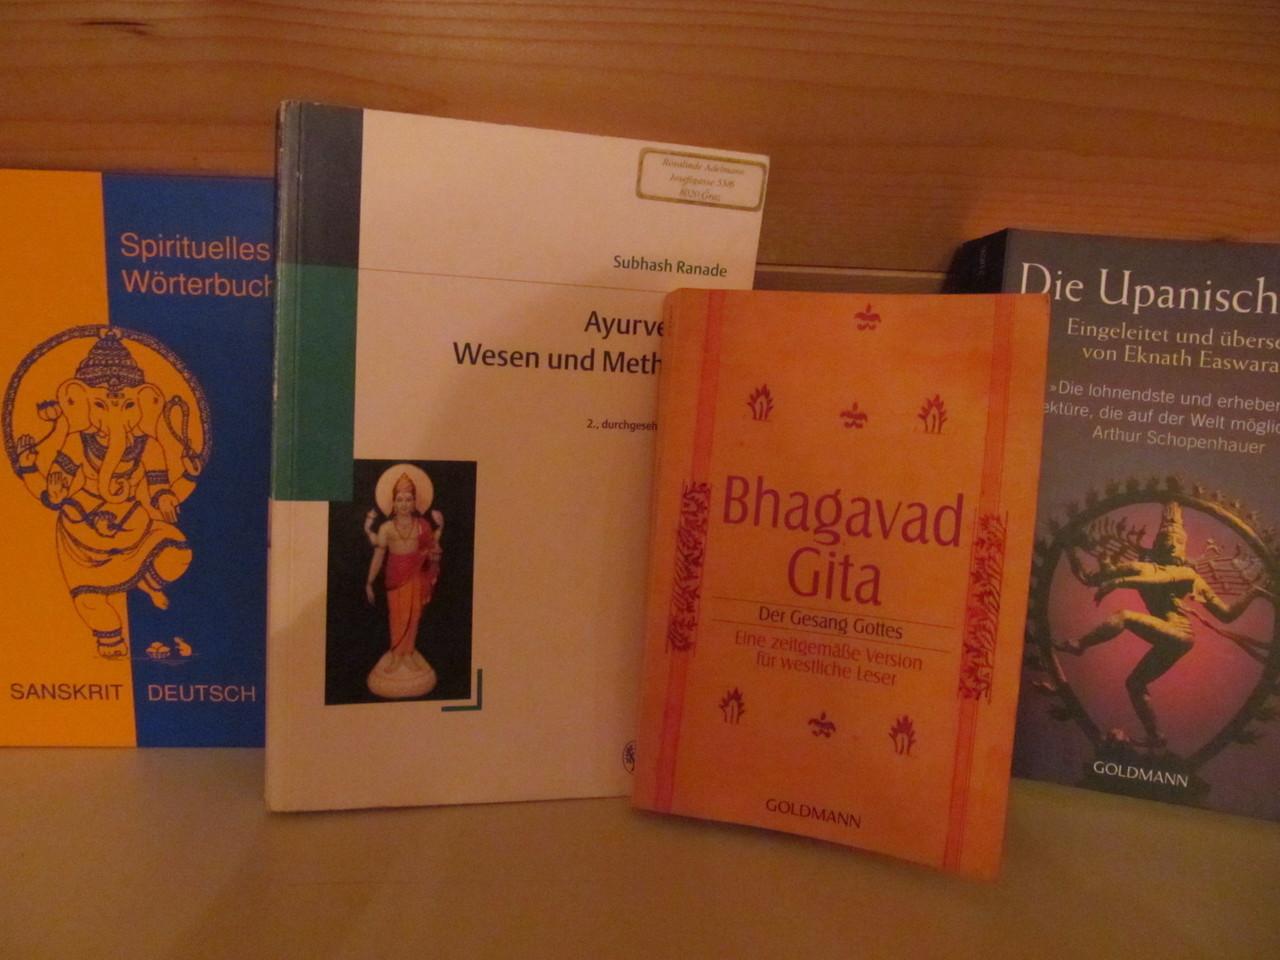 Sanskrit - Spirituelles Wörterbuch, Ayurveda - Wesen und Methodik